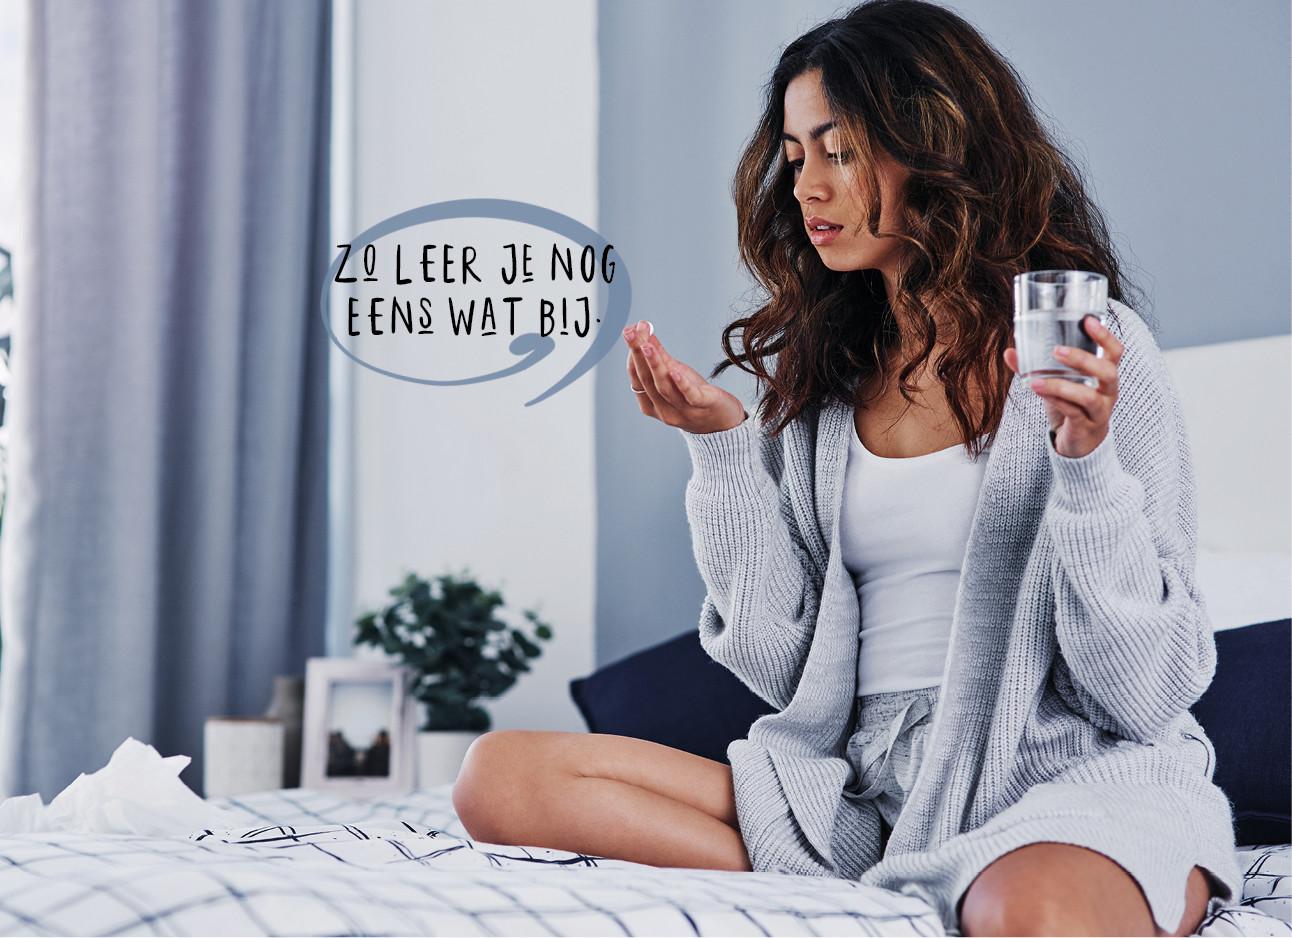 vrouw zit in bed met een glas water in haar handen en in haar handen een paracetomol